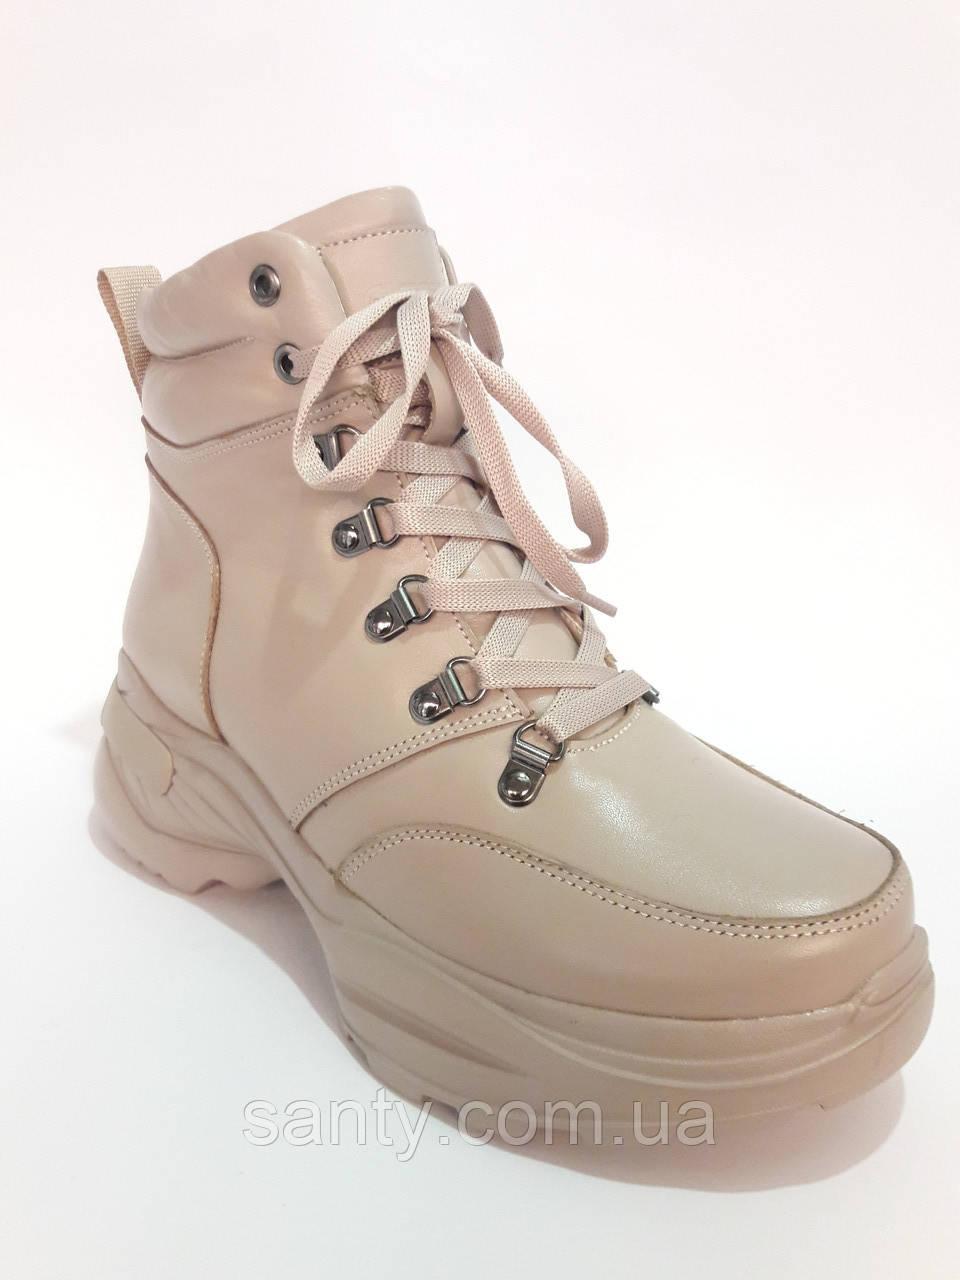 Зимние ботинки - кроссовки из натуральной кожи. Зимові жіночі чоботи - кросівки